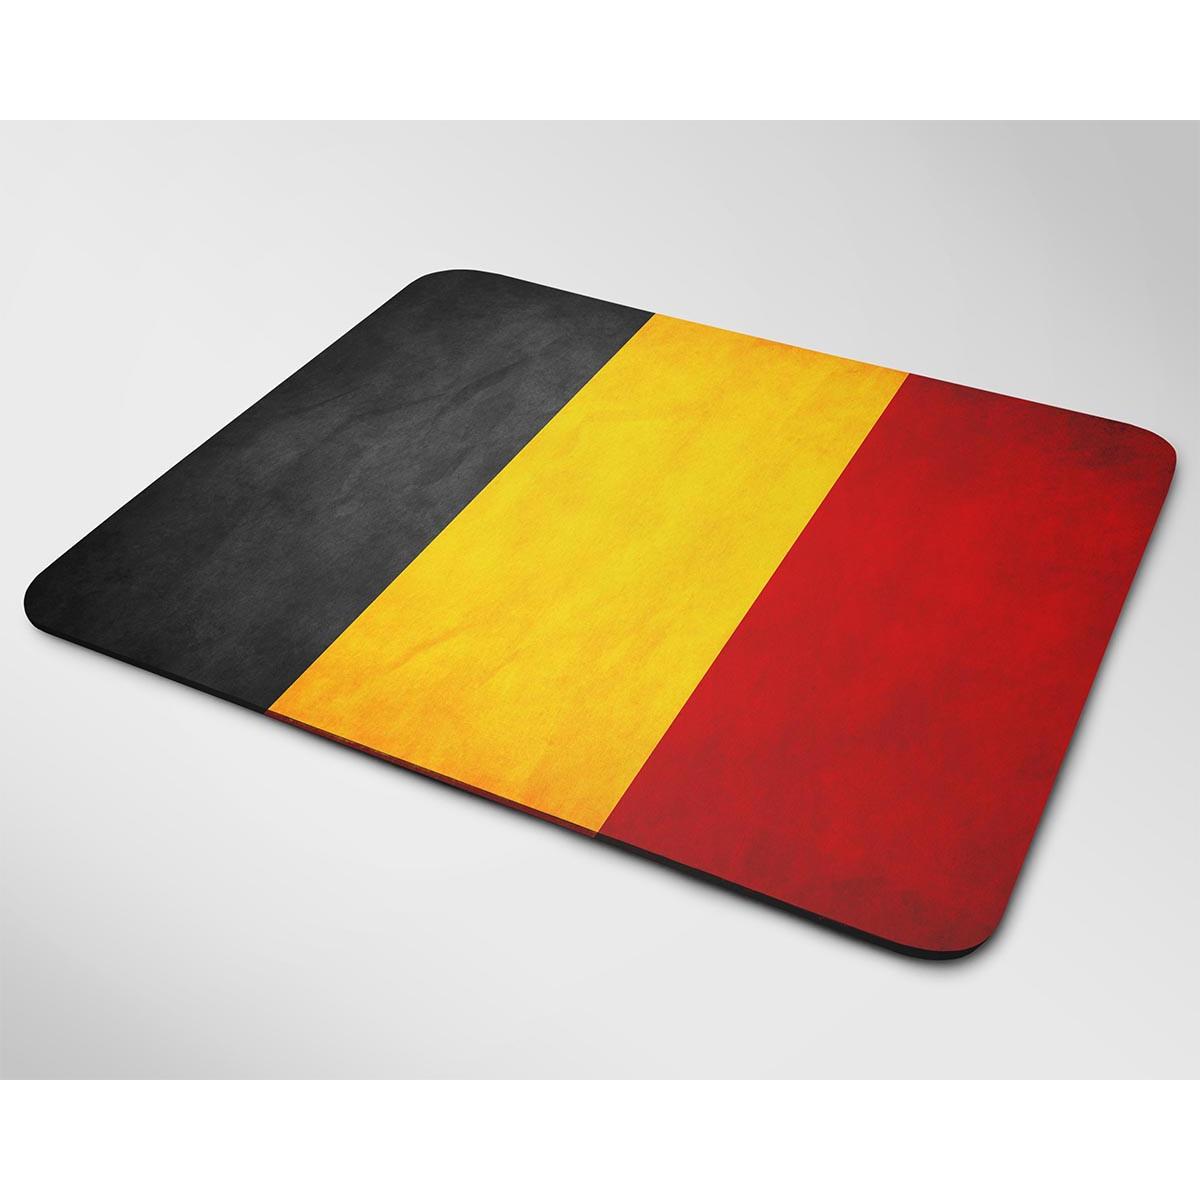 Miếng lót chuột mẫu Lá cờ Đức